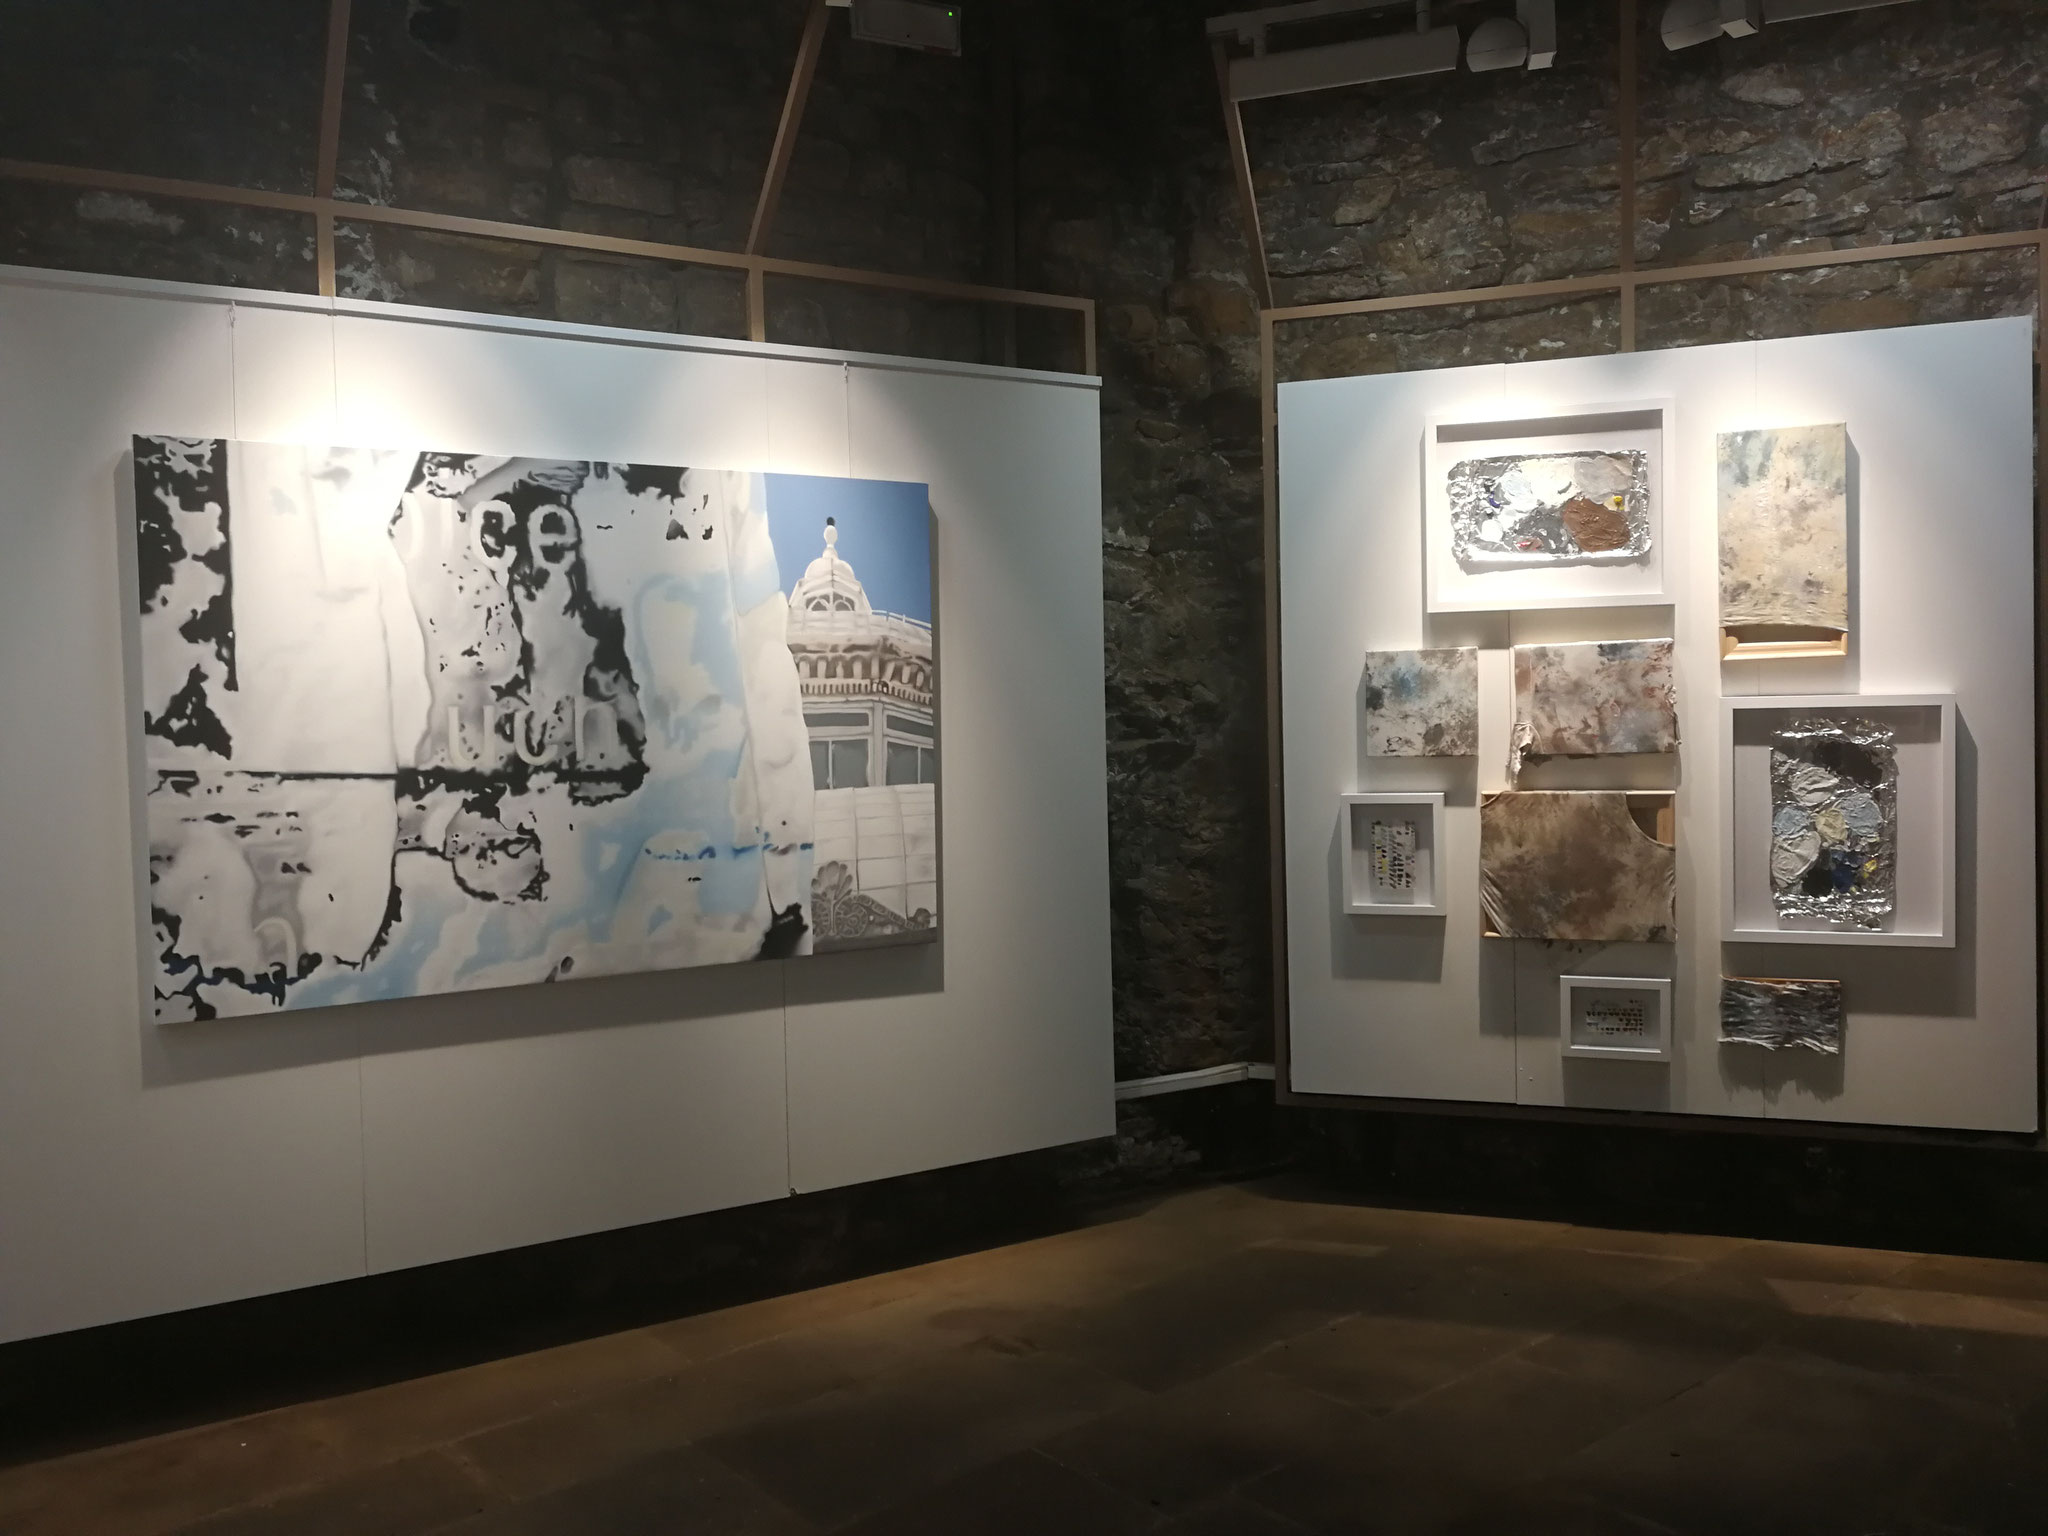 """""""intro peinture 2.0"""" '18, galerie konschthaus beim engel, photo by sandra lieners"""